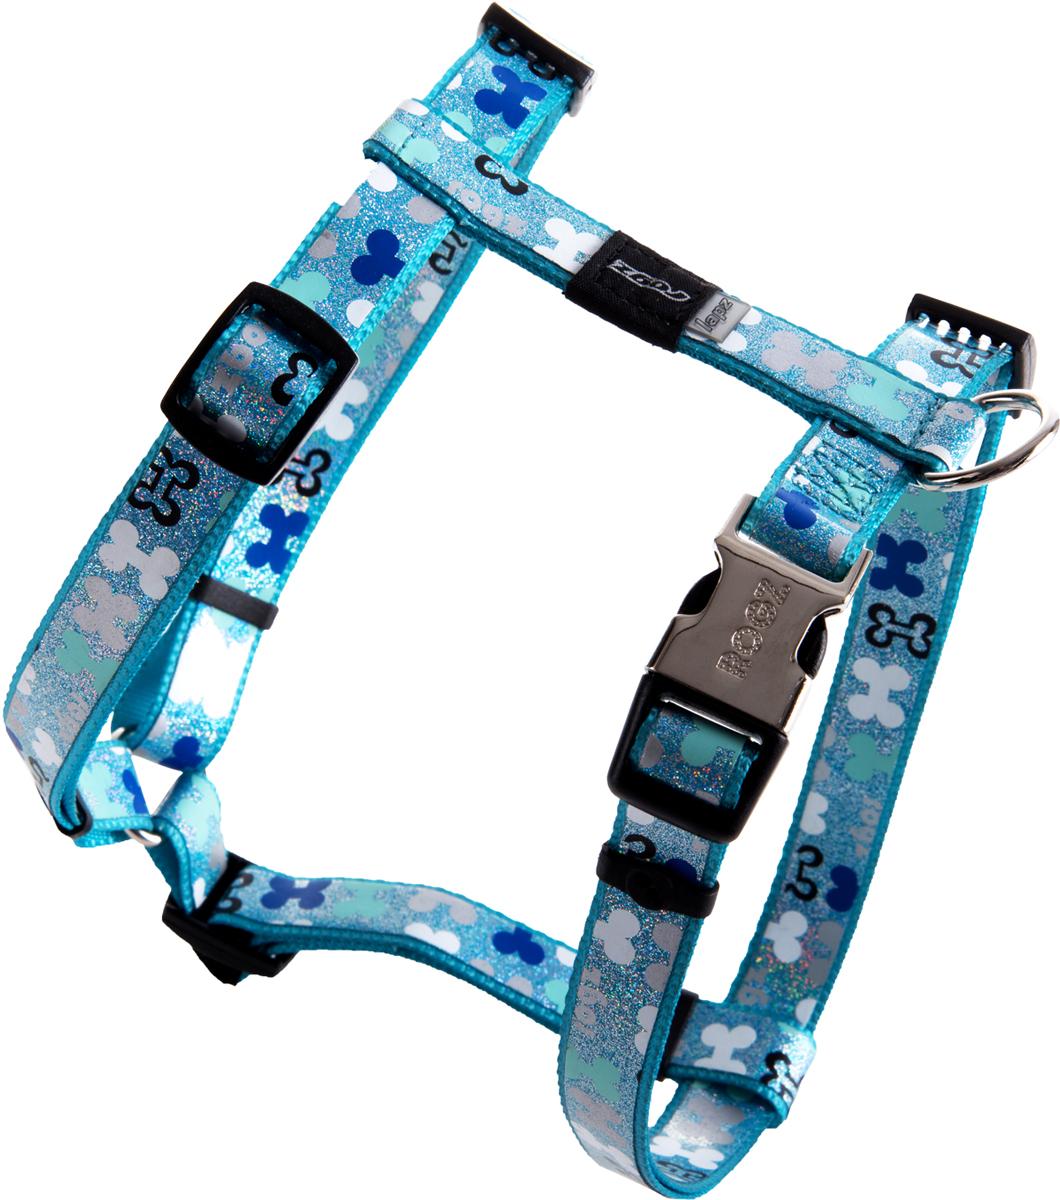 Шлейка для собак Rogz Trendy, цвет: голубой, ширина 1,6 см. Размер MSJ523BШлейка для собак Rogz Trendy обладает нежнейшей мягкостью и гибкостью.Светоотражающие материалы для обеспечения лучшей видимости собаки в темное время суток.